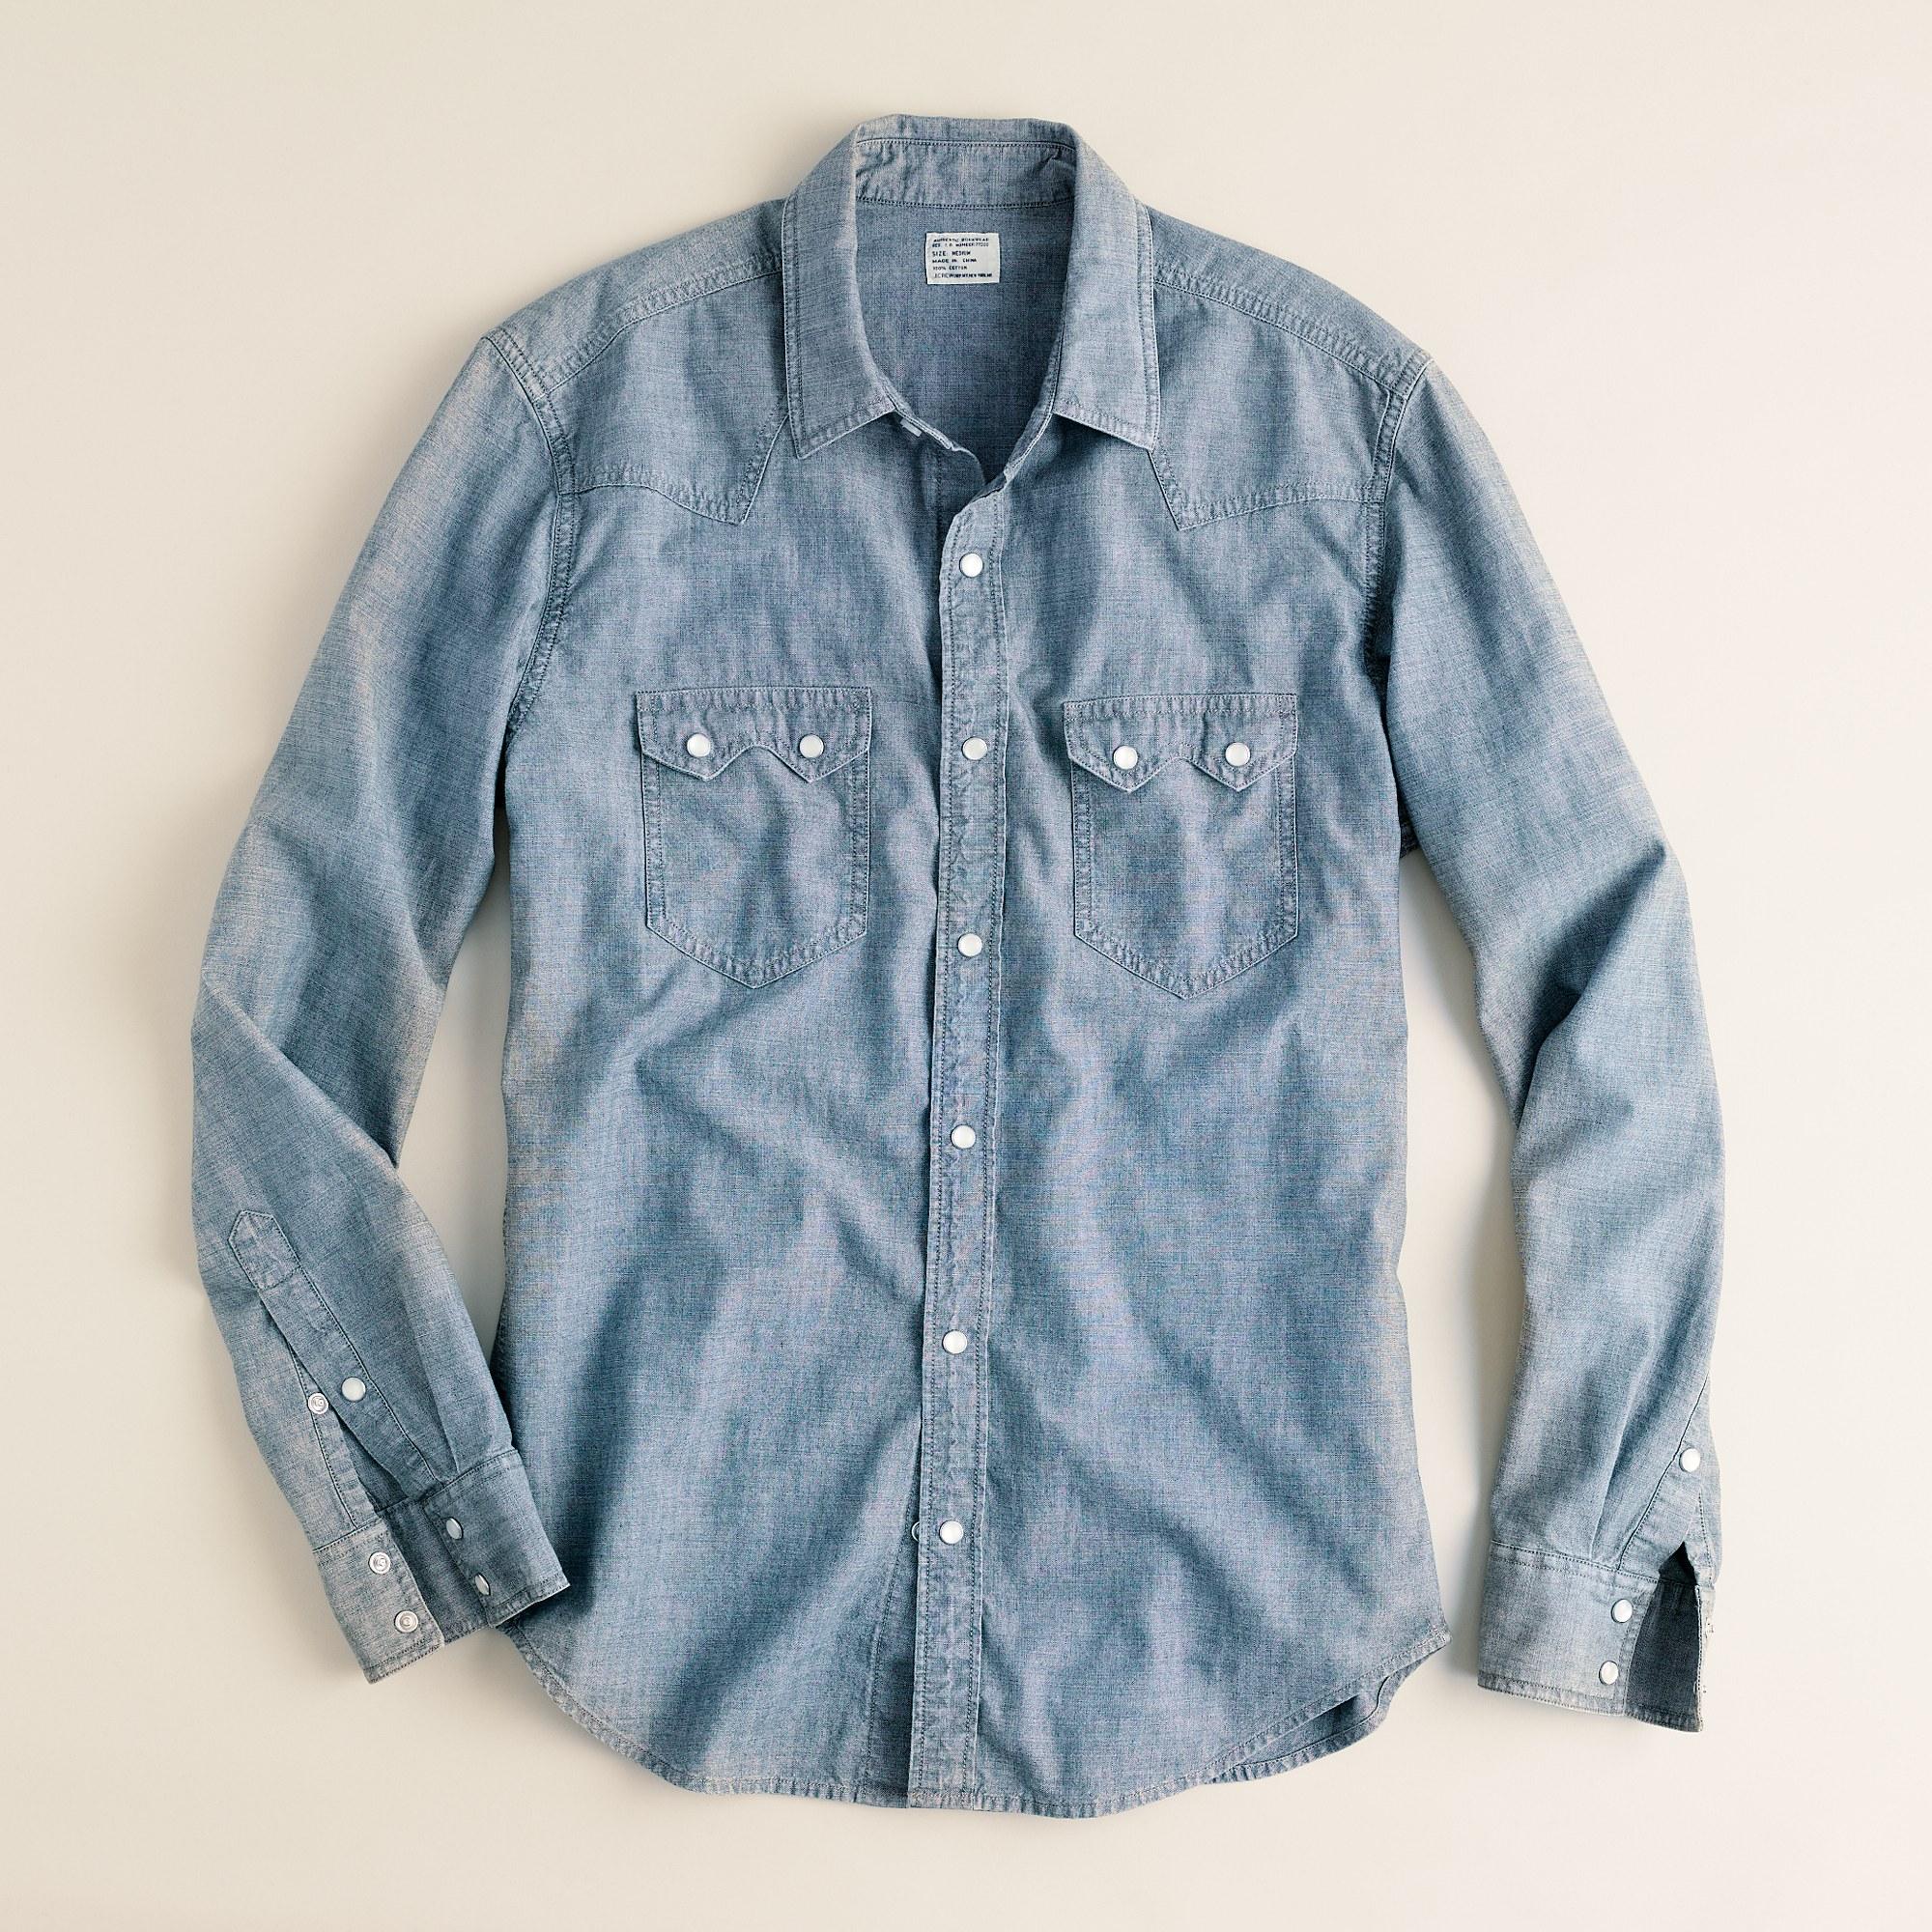 dd8215cc J.Crew Light Wash Denim Western Shirt in Blue for Men - Lyst